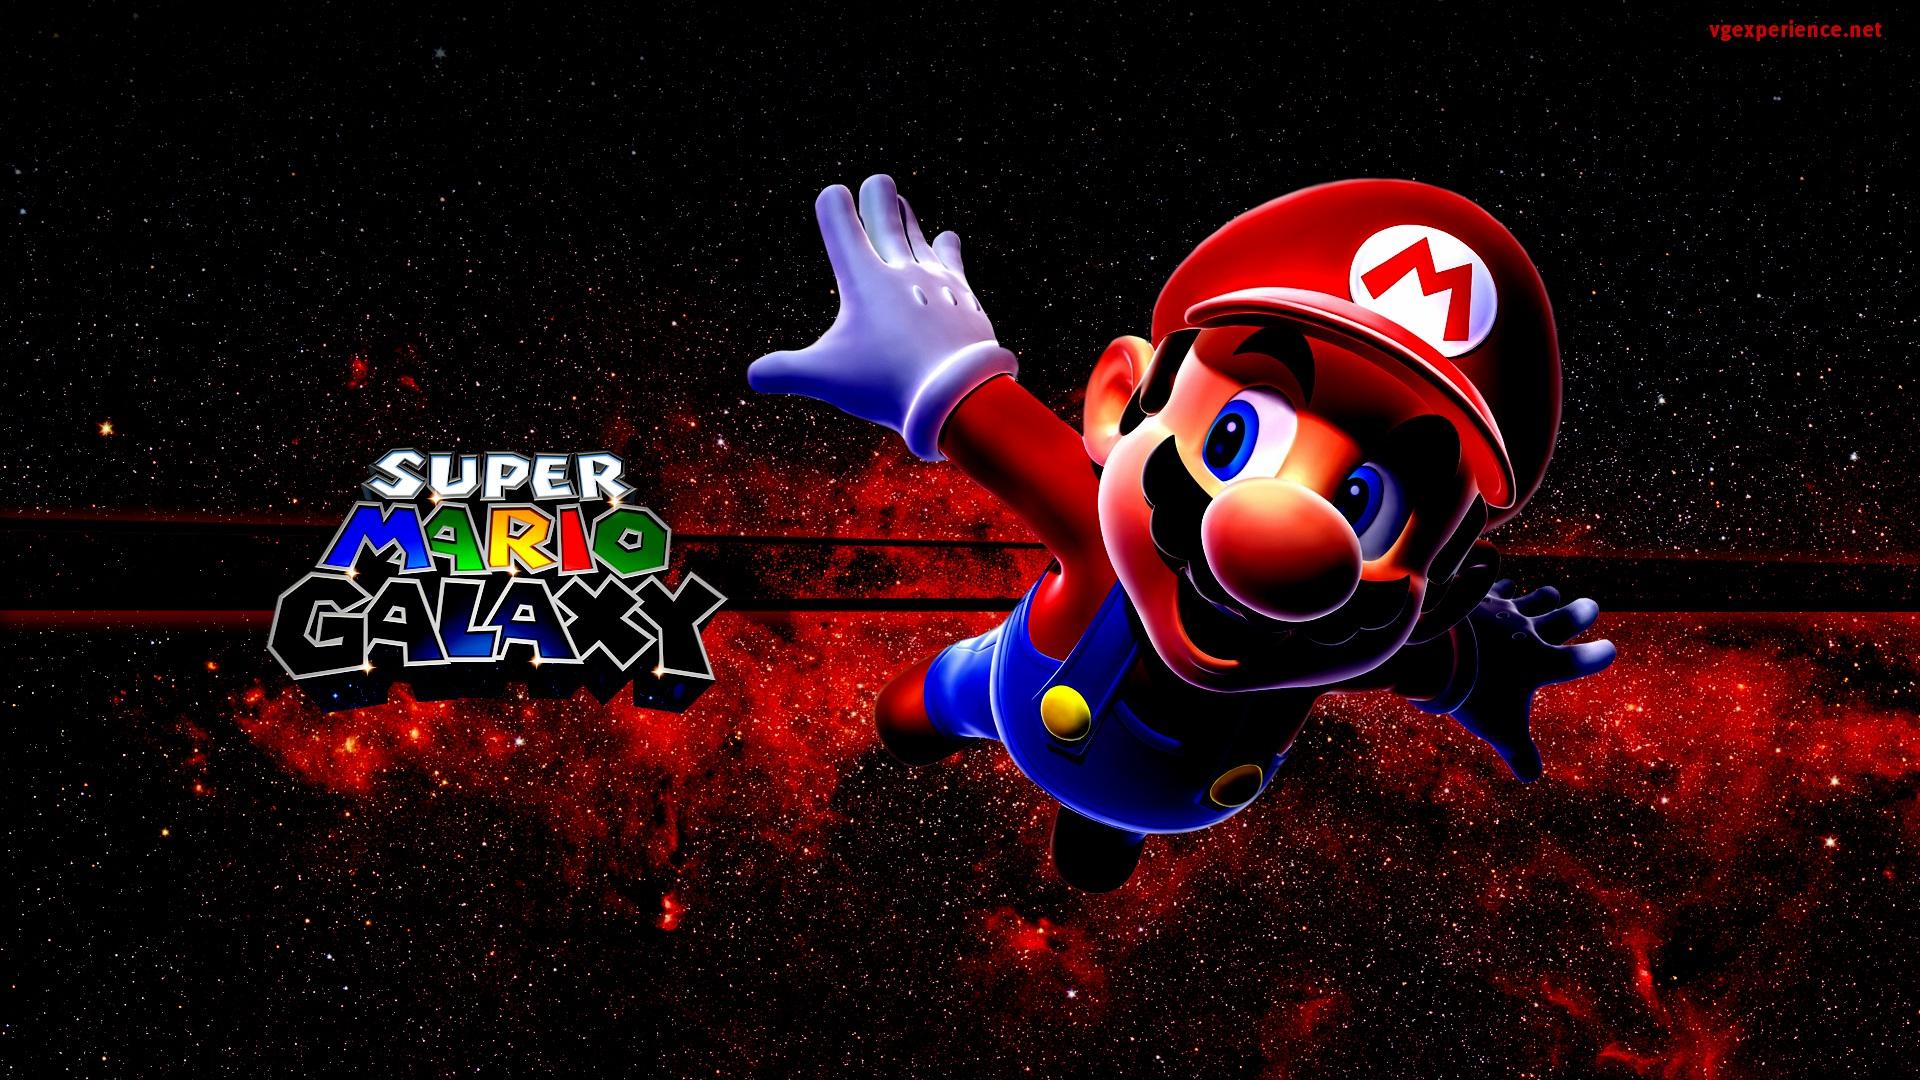 Super Mario Galaxy Wallpapers: Super Mario Galaxy Computer Wallpapers, Desktop